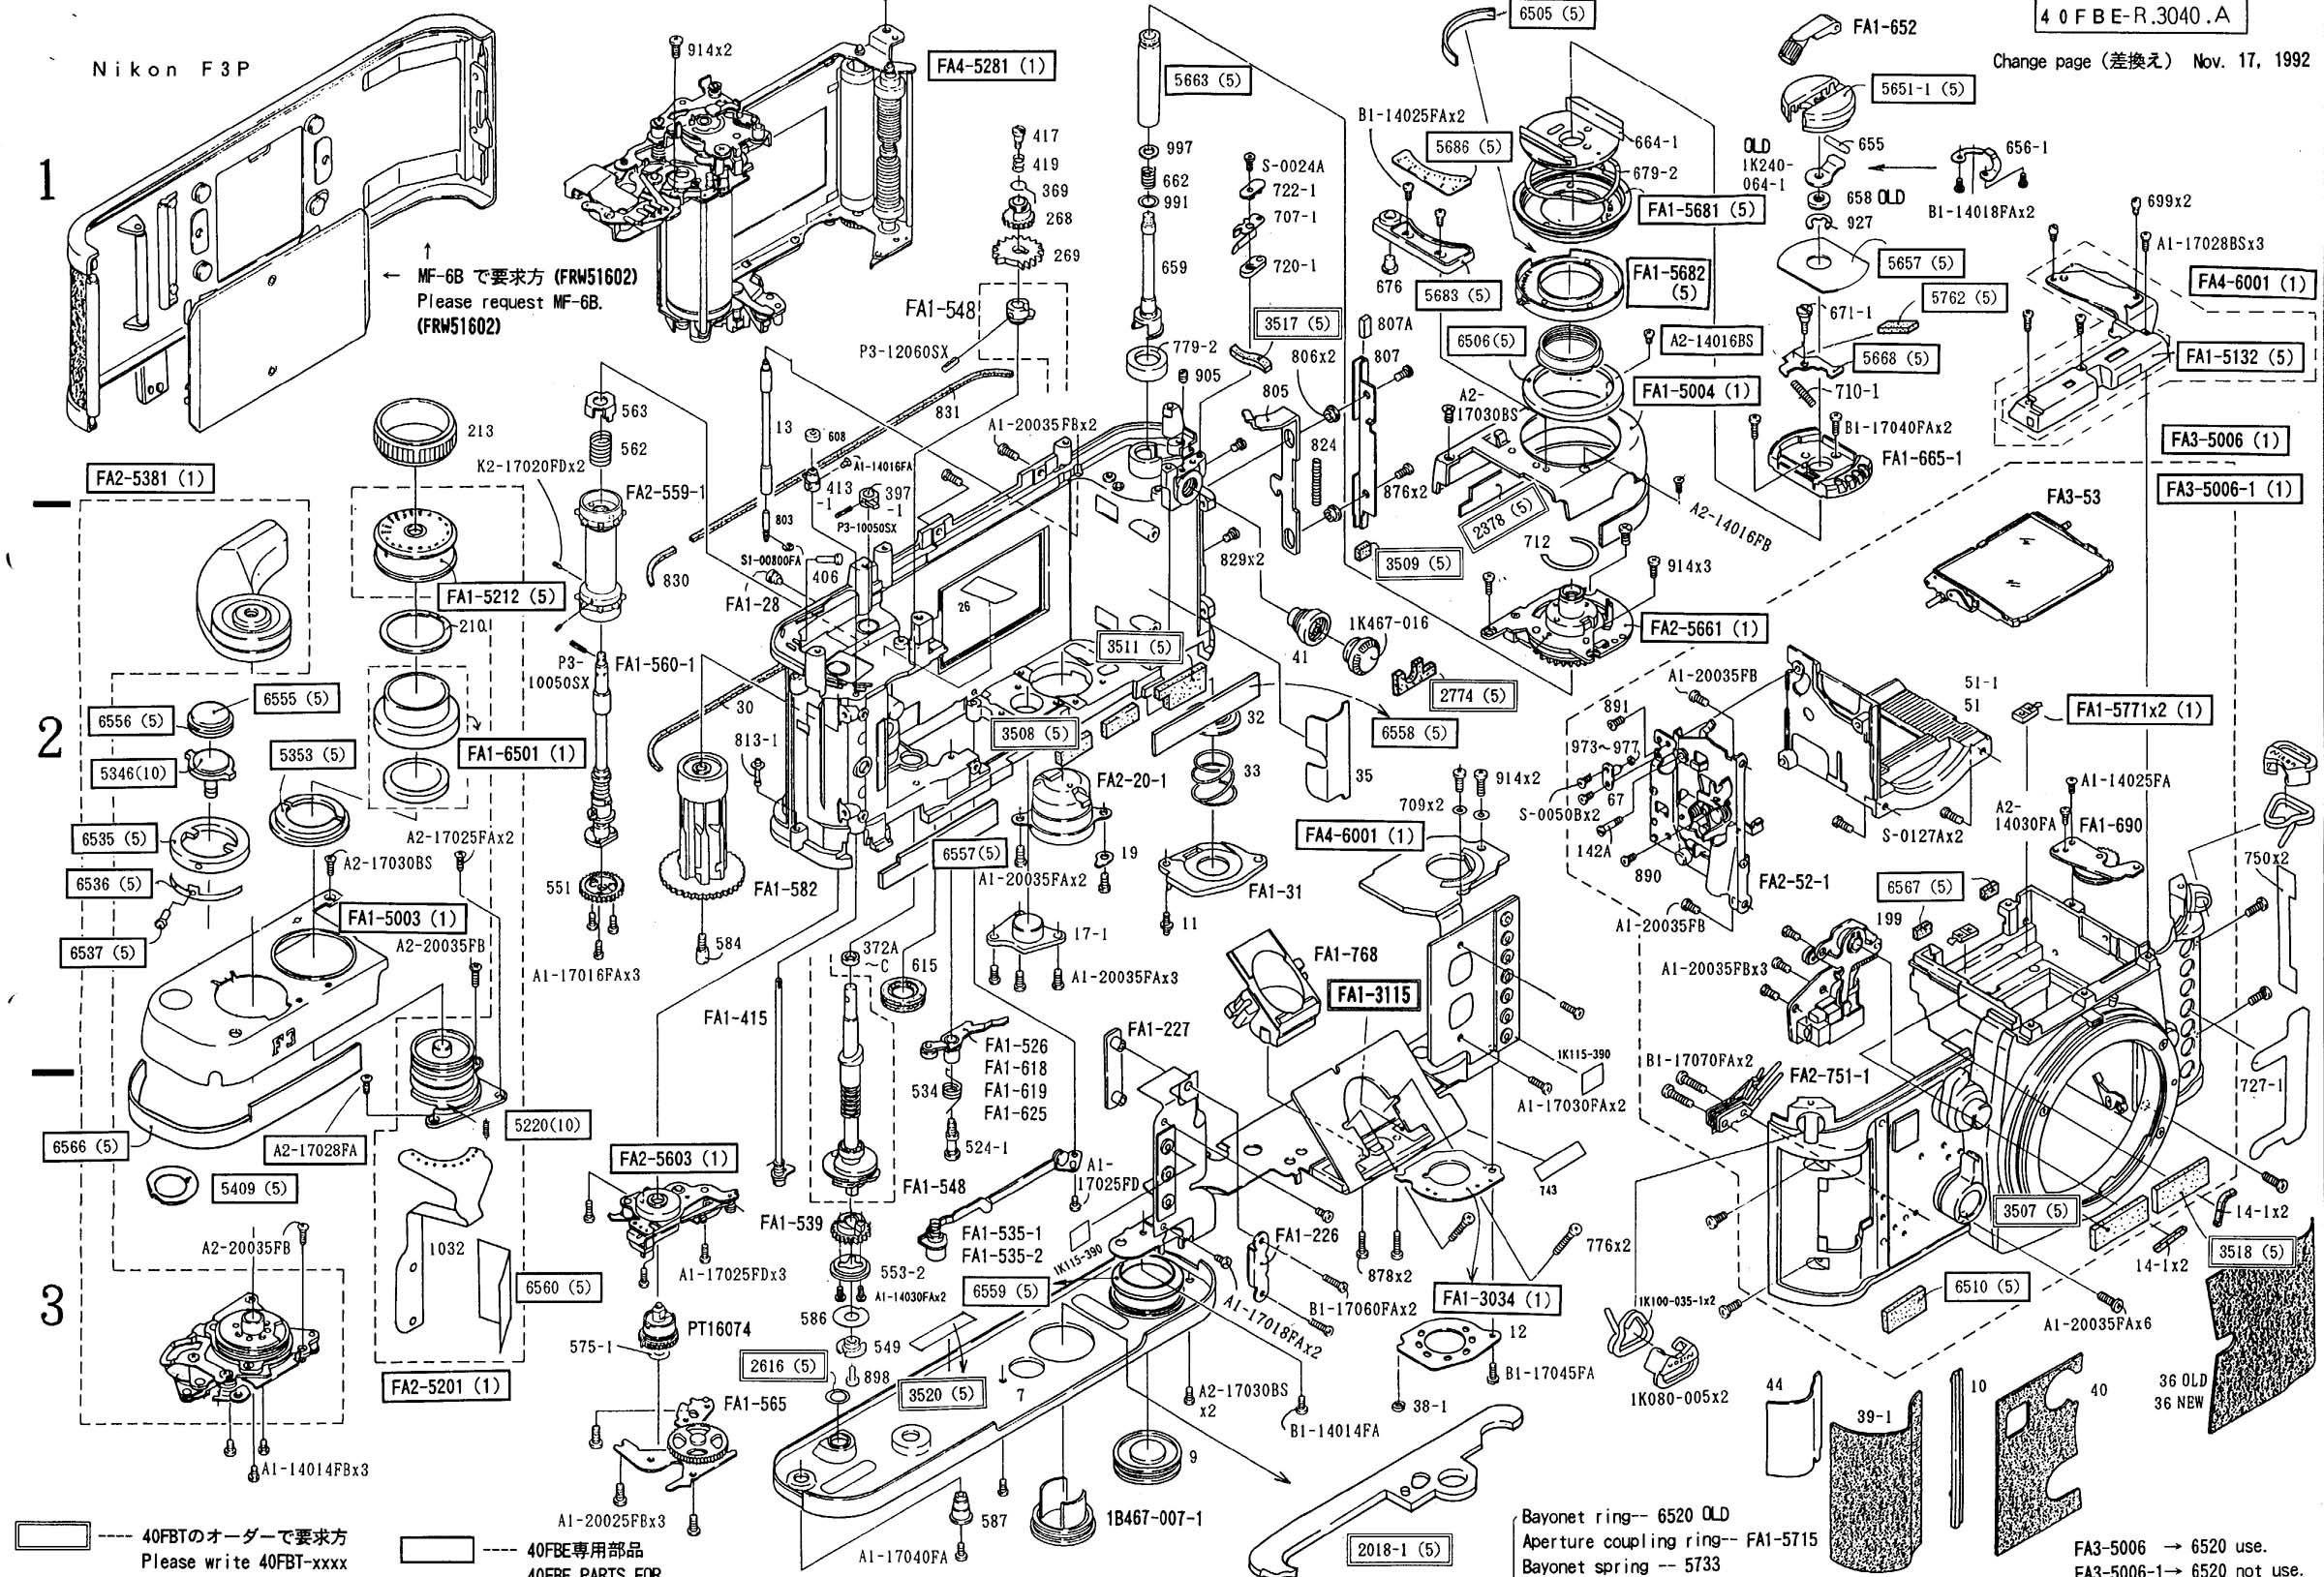 Nikon Camera Parts Diagram Nikon F3 P Parts Diagram